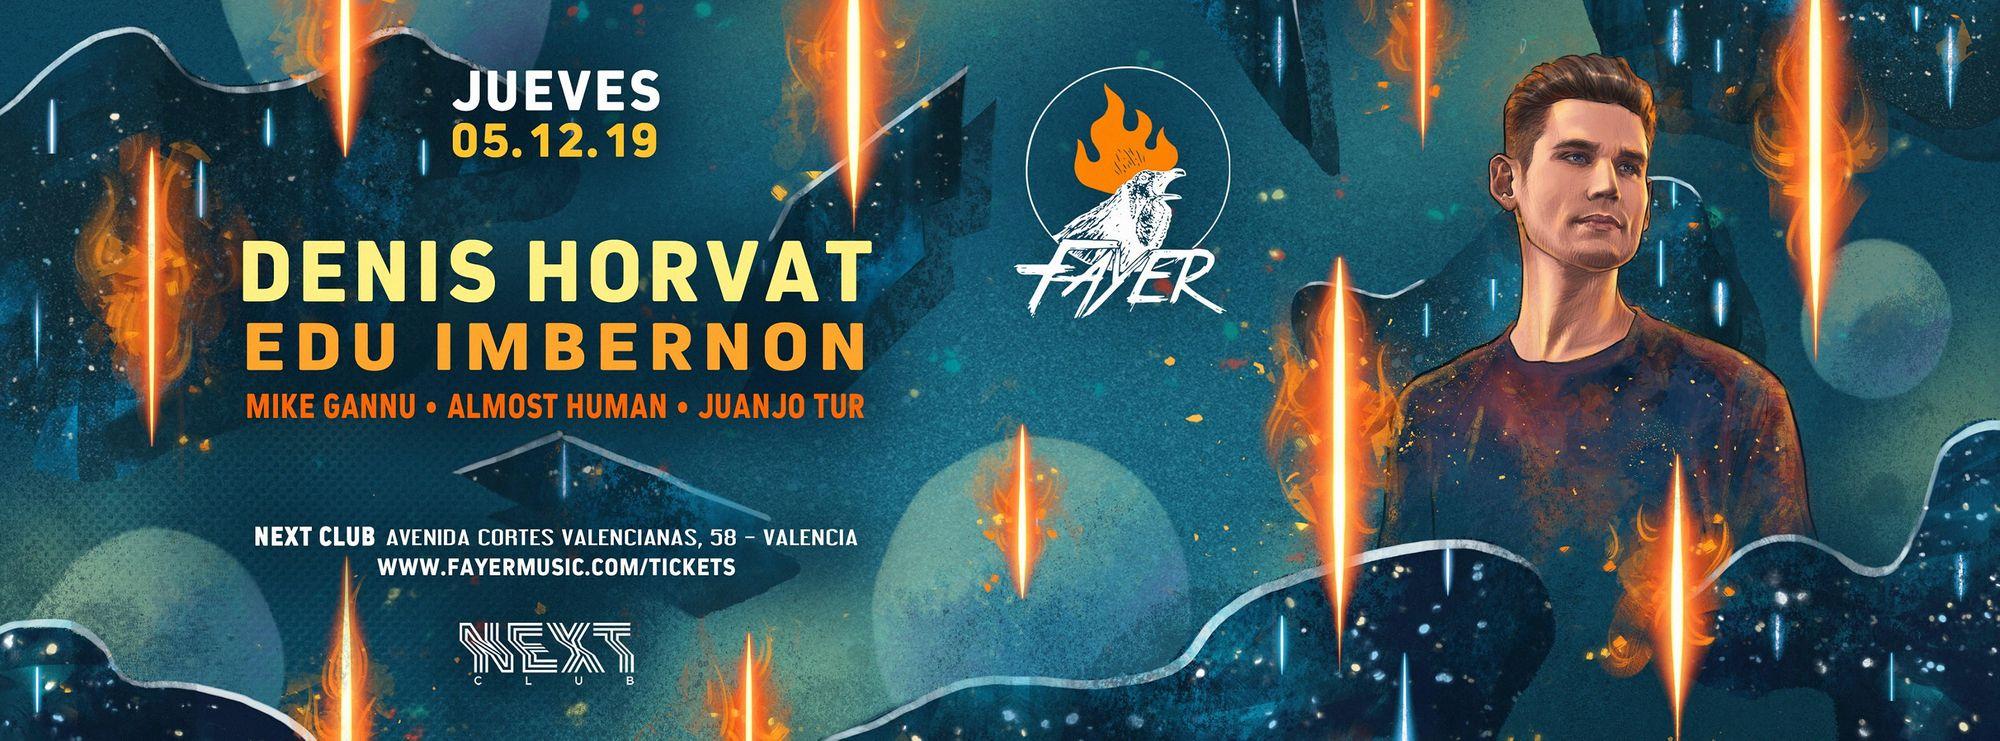 Denis Horvat próximo invitado en una nueva edición de Fayer